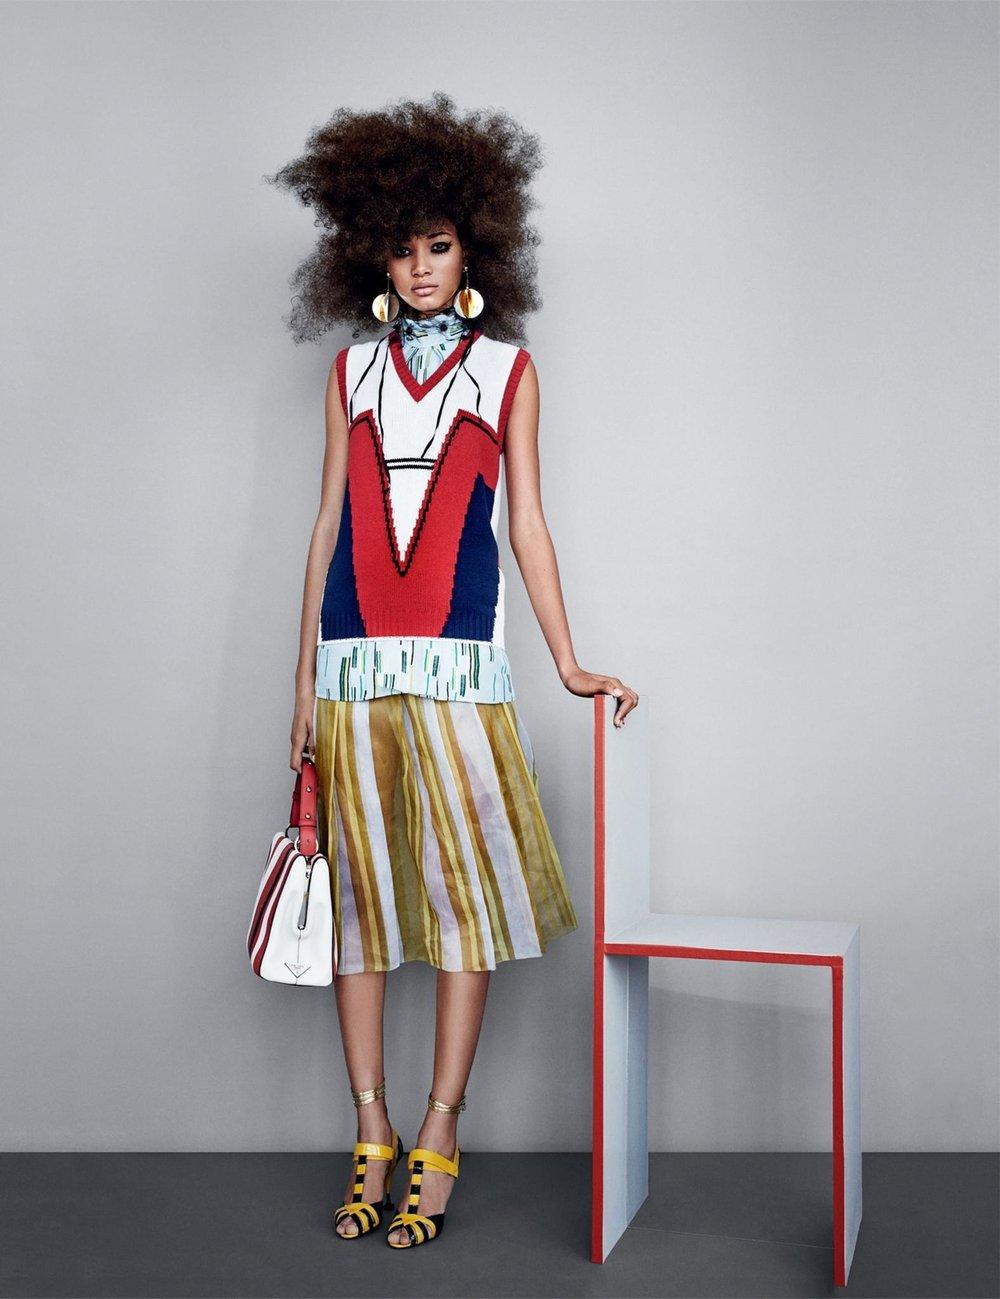 British Vogue style by Lucinda Chambers 3.jpg